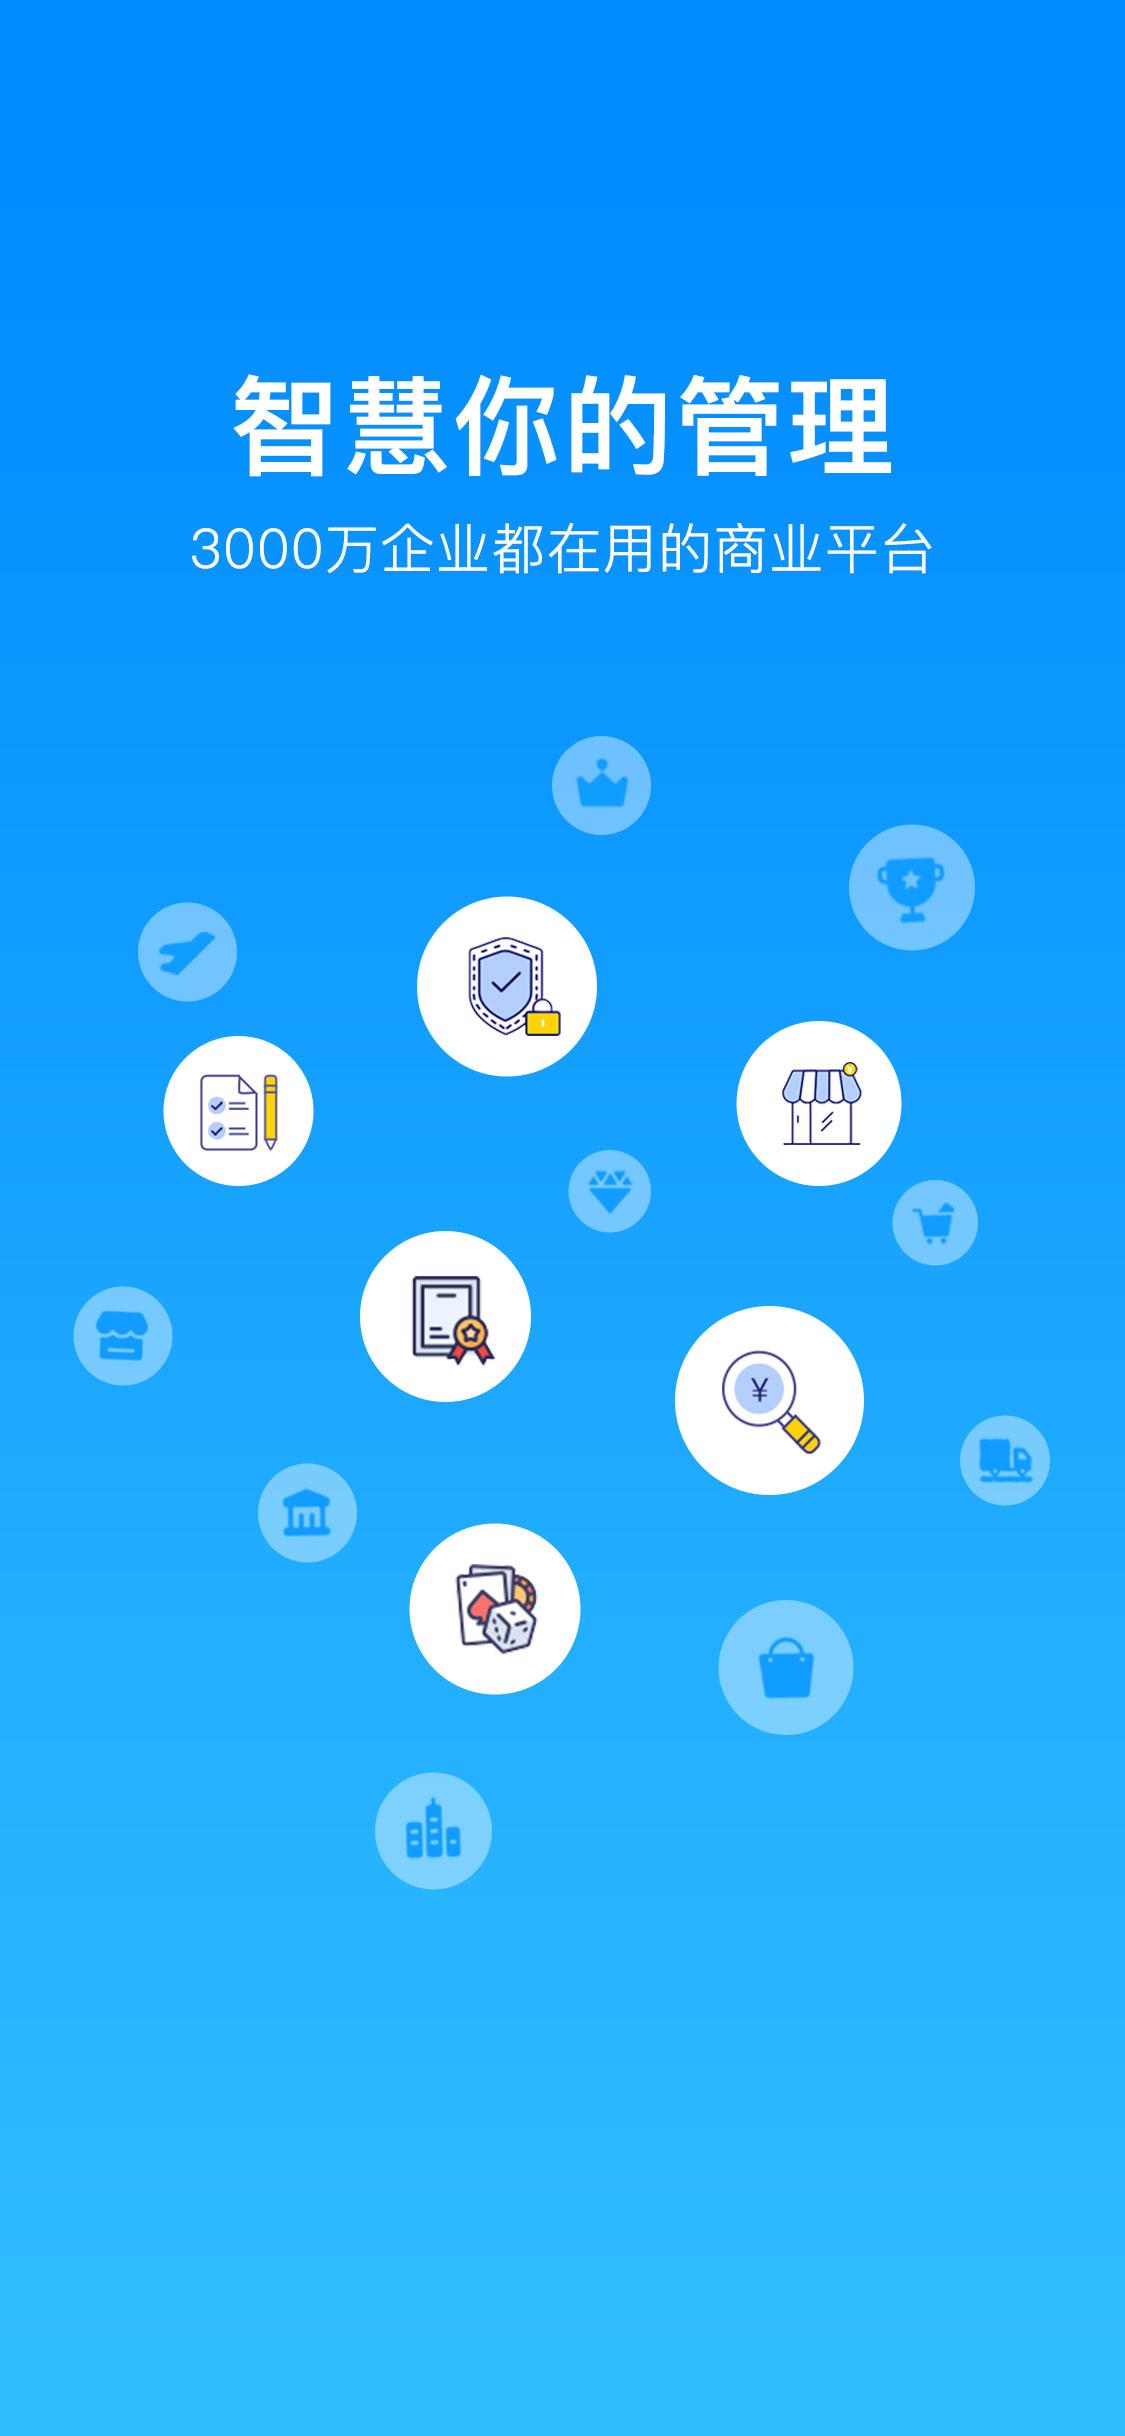 薇丁办公OA系统上线开启社交电商移动办公新篇章